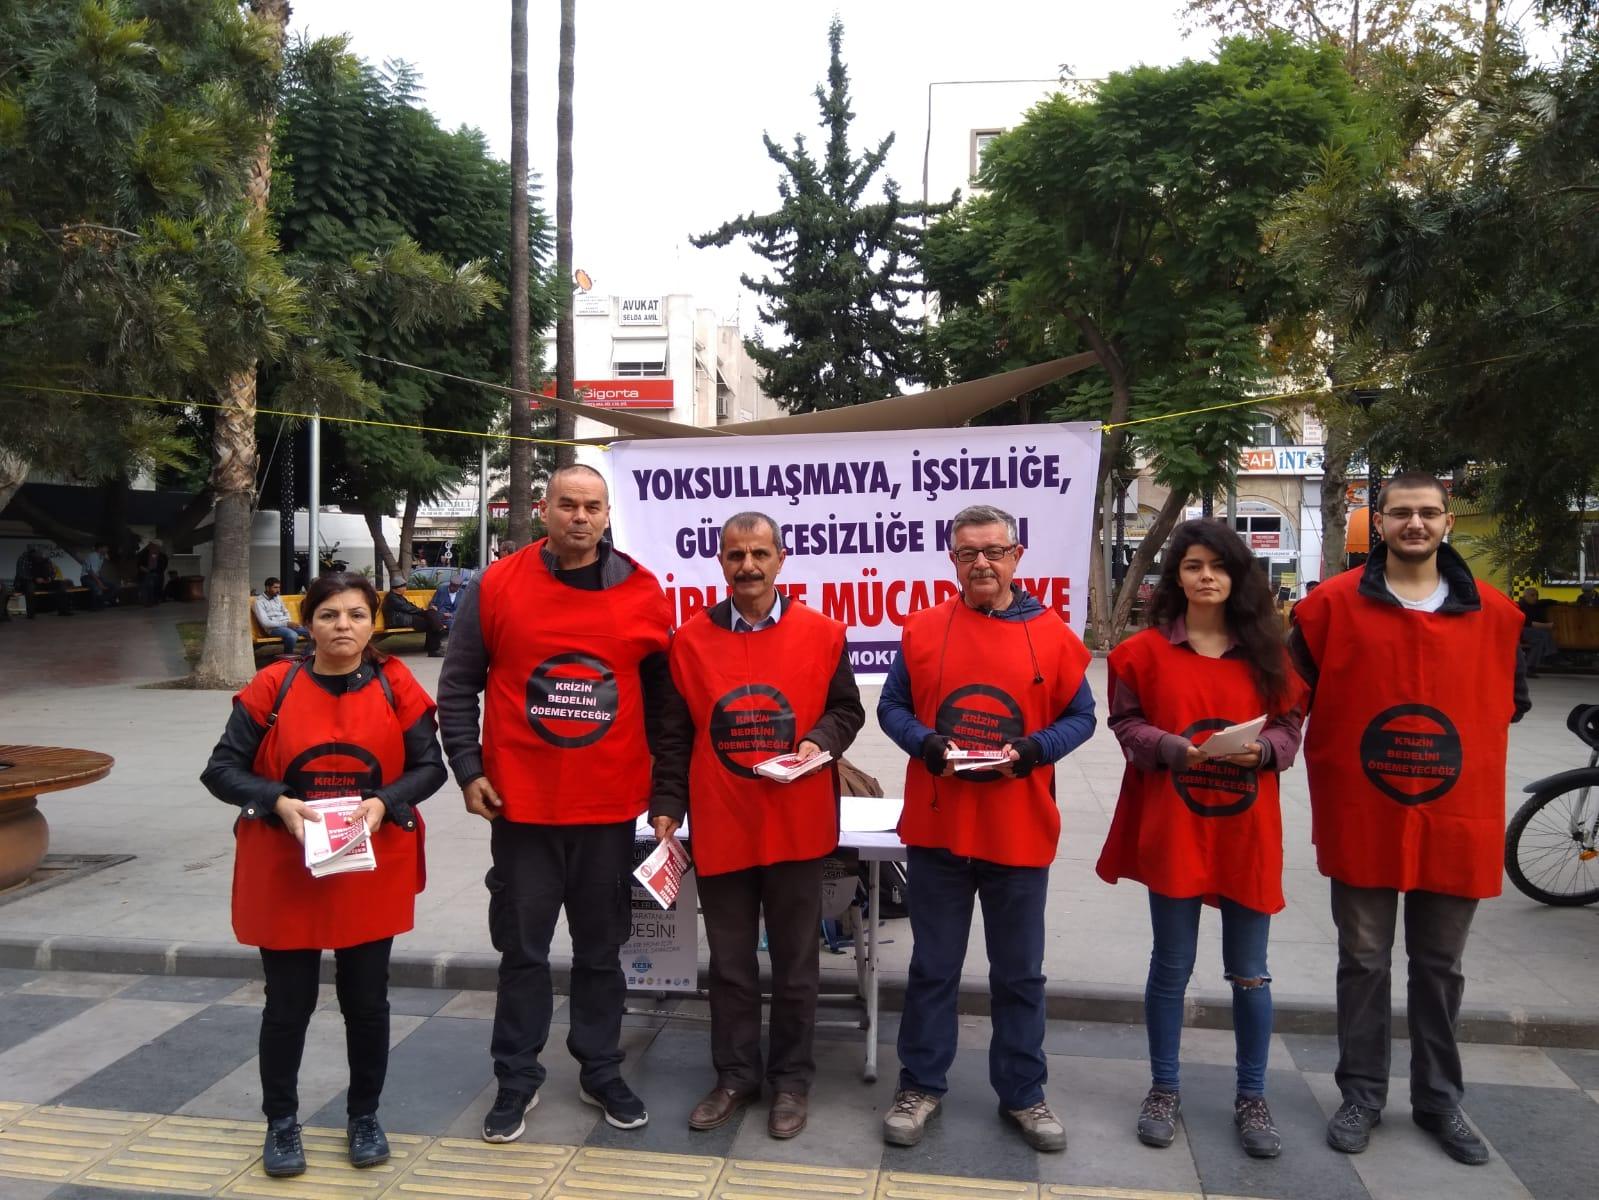 """Mersin Emek ve Demokrasi Platformu """"Krizin Bedelini Ödemeyeceğiz"""" Bildirisi Dağıttı"""